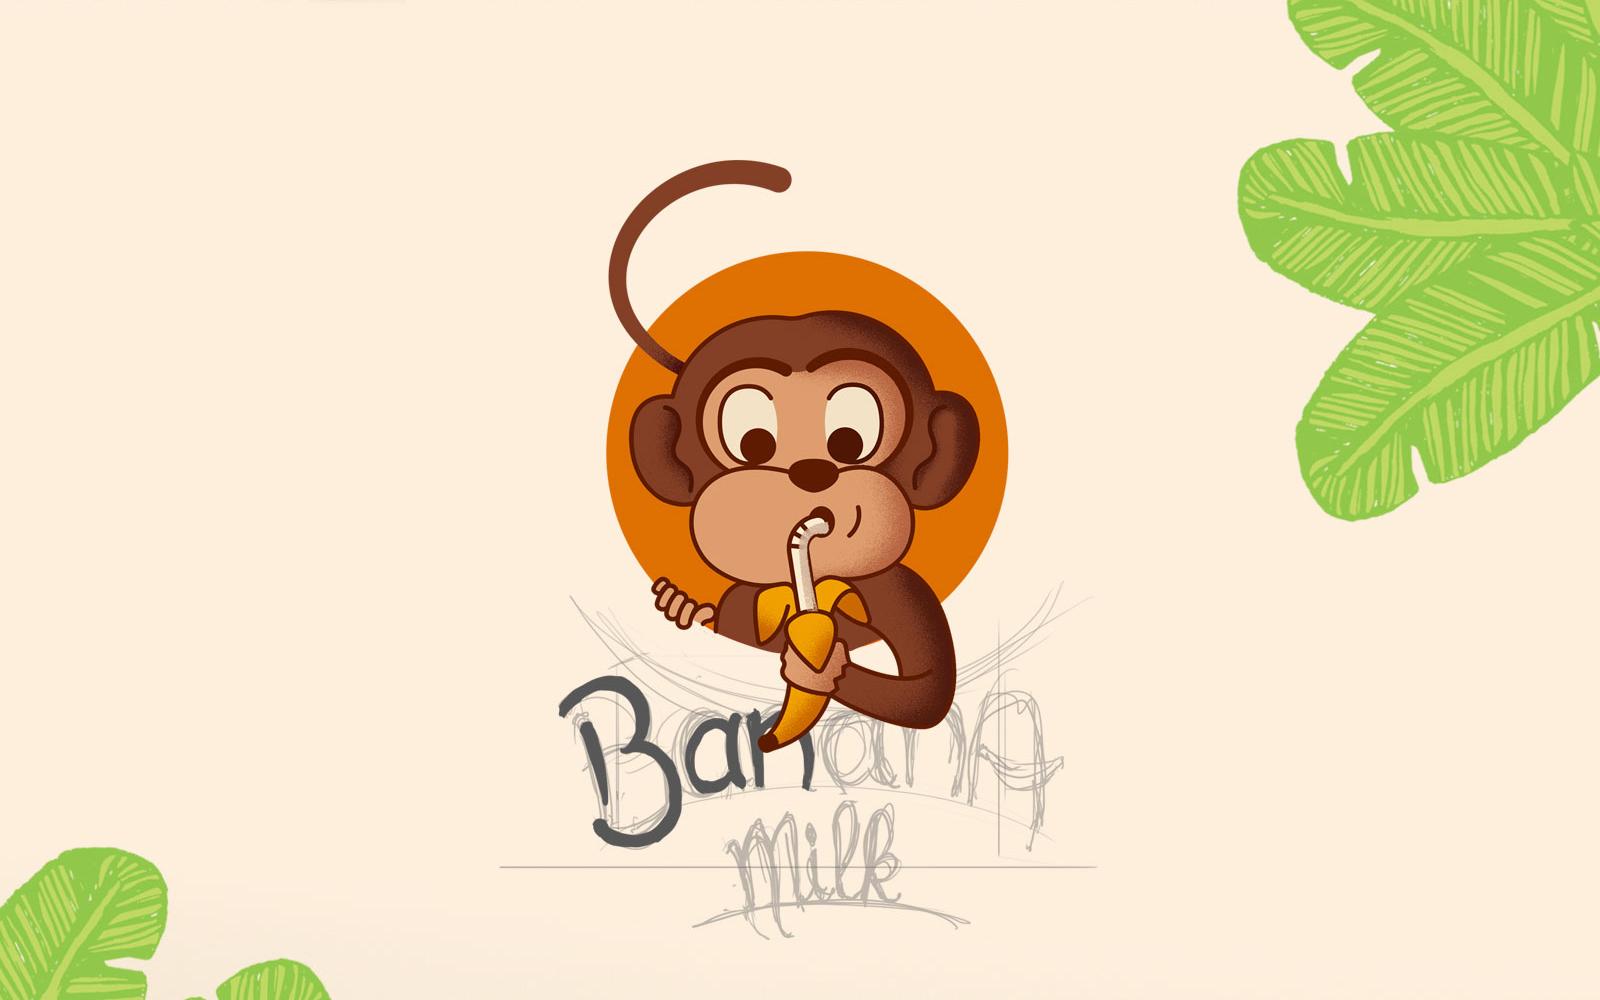 Ilustração embalagem tetra pak para leite de banana - Banana Milk